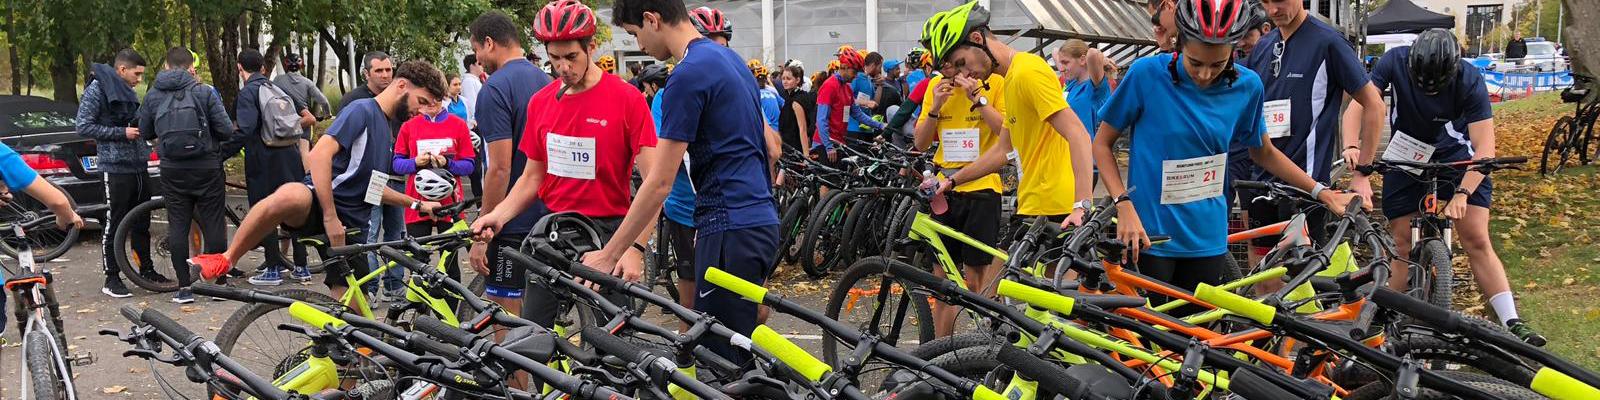 Bike and Run 2019